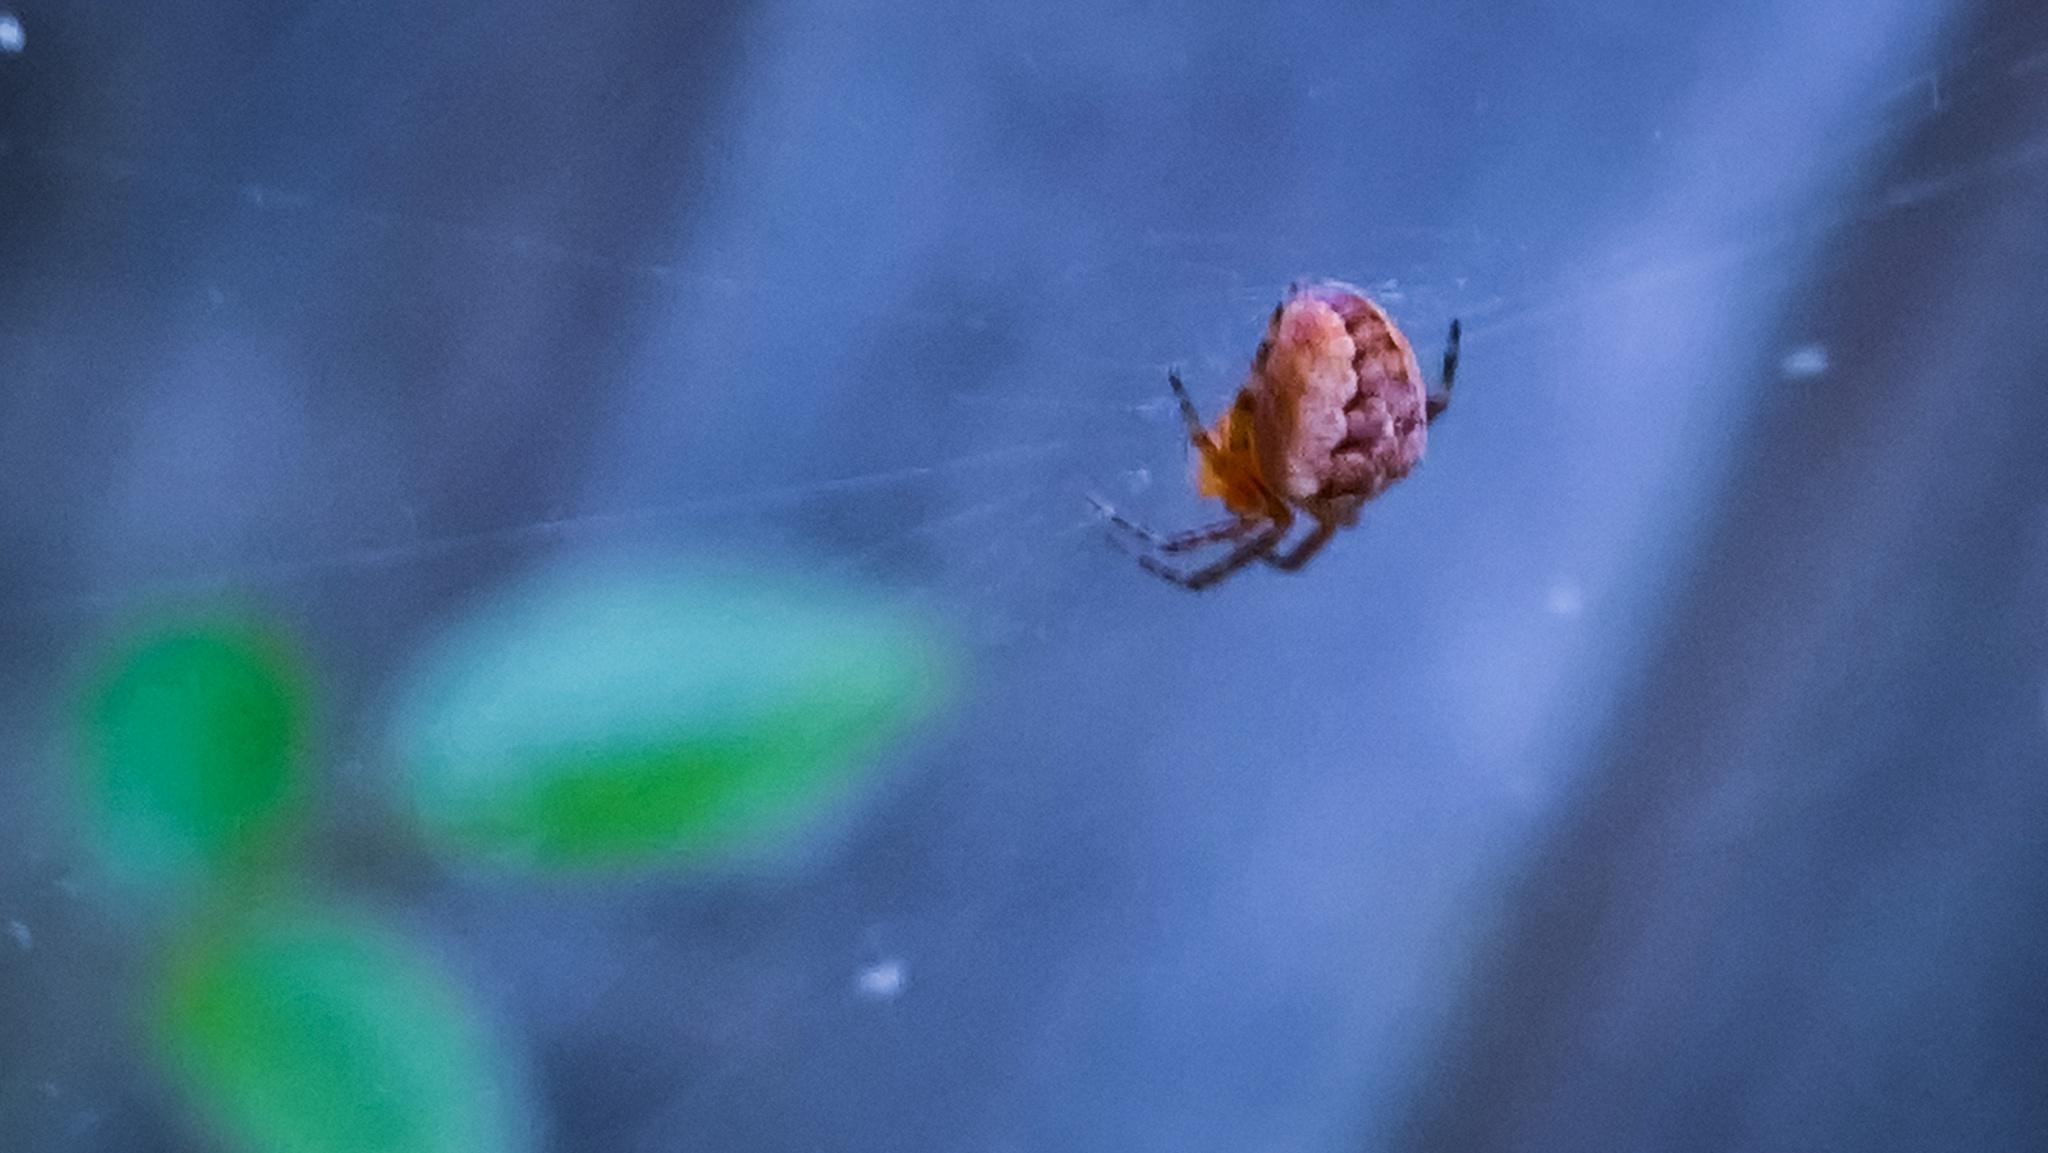 Spider by gemma smith